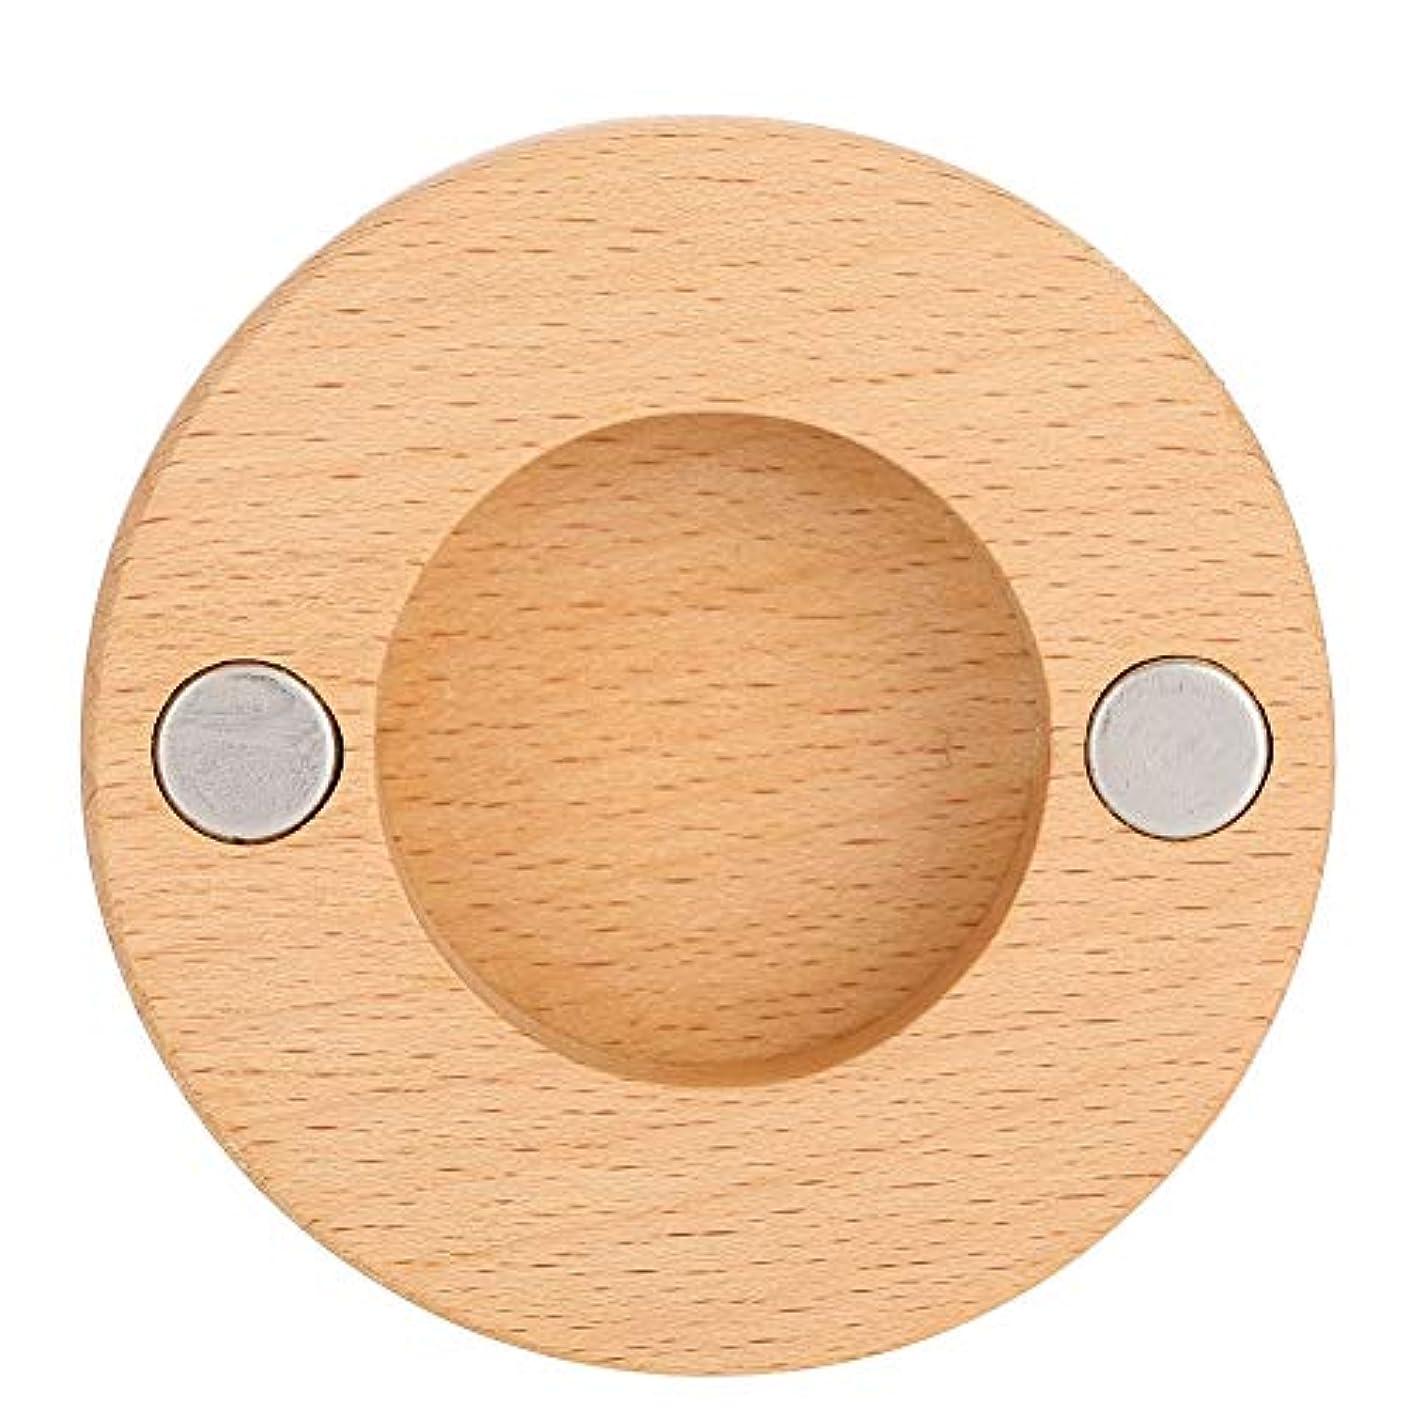 軽く迷信台無しにヘアドライヤーノズルブラケット、ネジと接着剤が付いているブナの木の壁の台紙のホールダーは用具を浴室をきれいに保ちます、ドライヤーのダイソンのための付属品の付属品